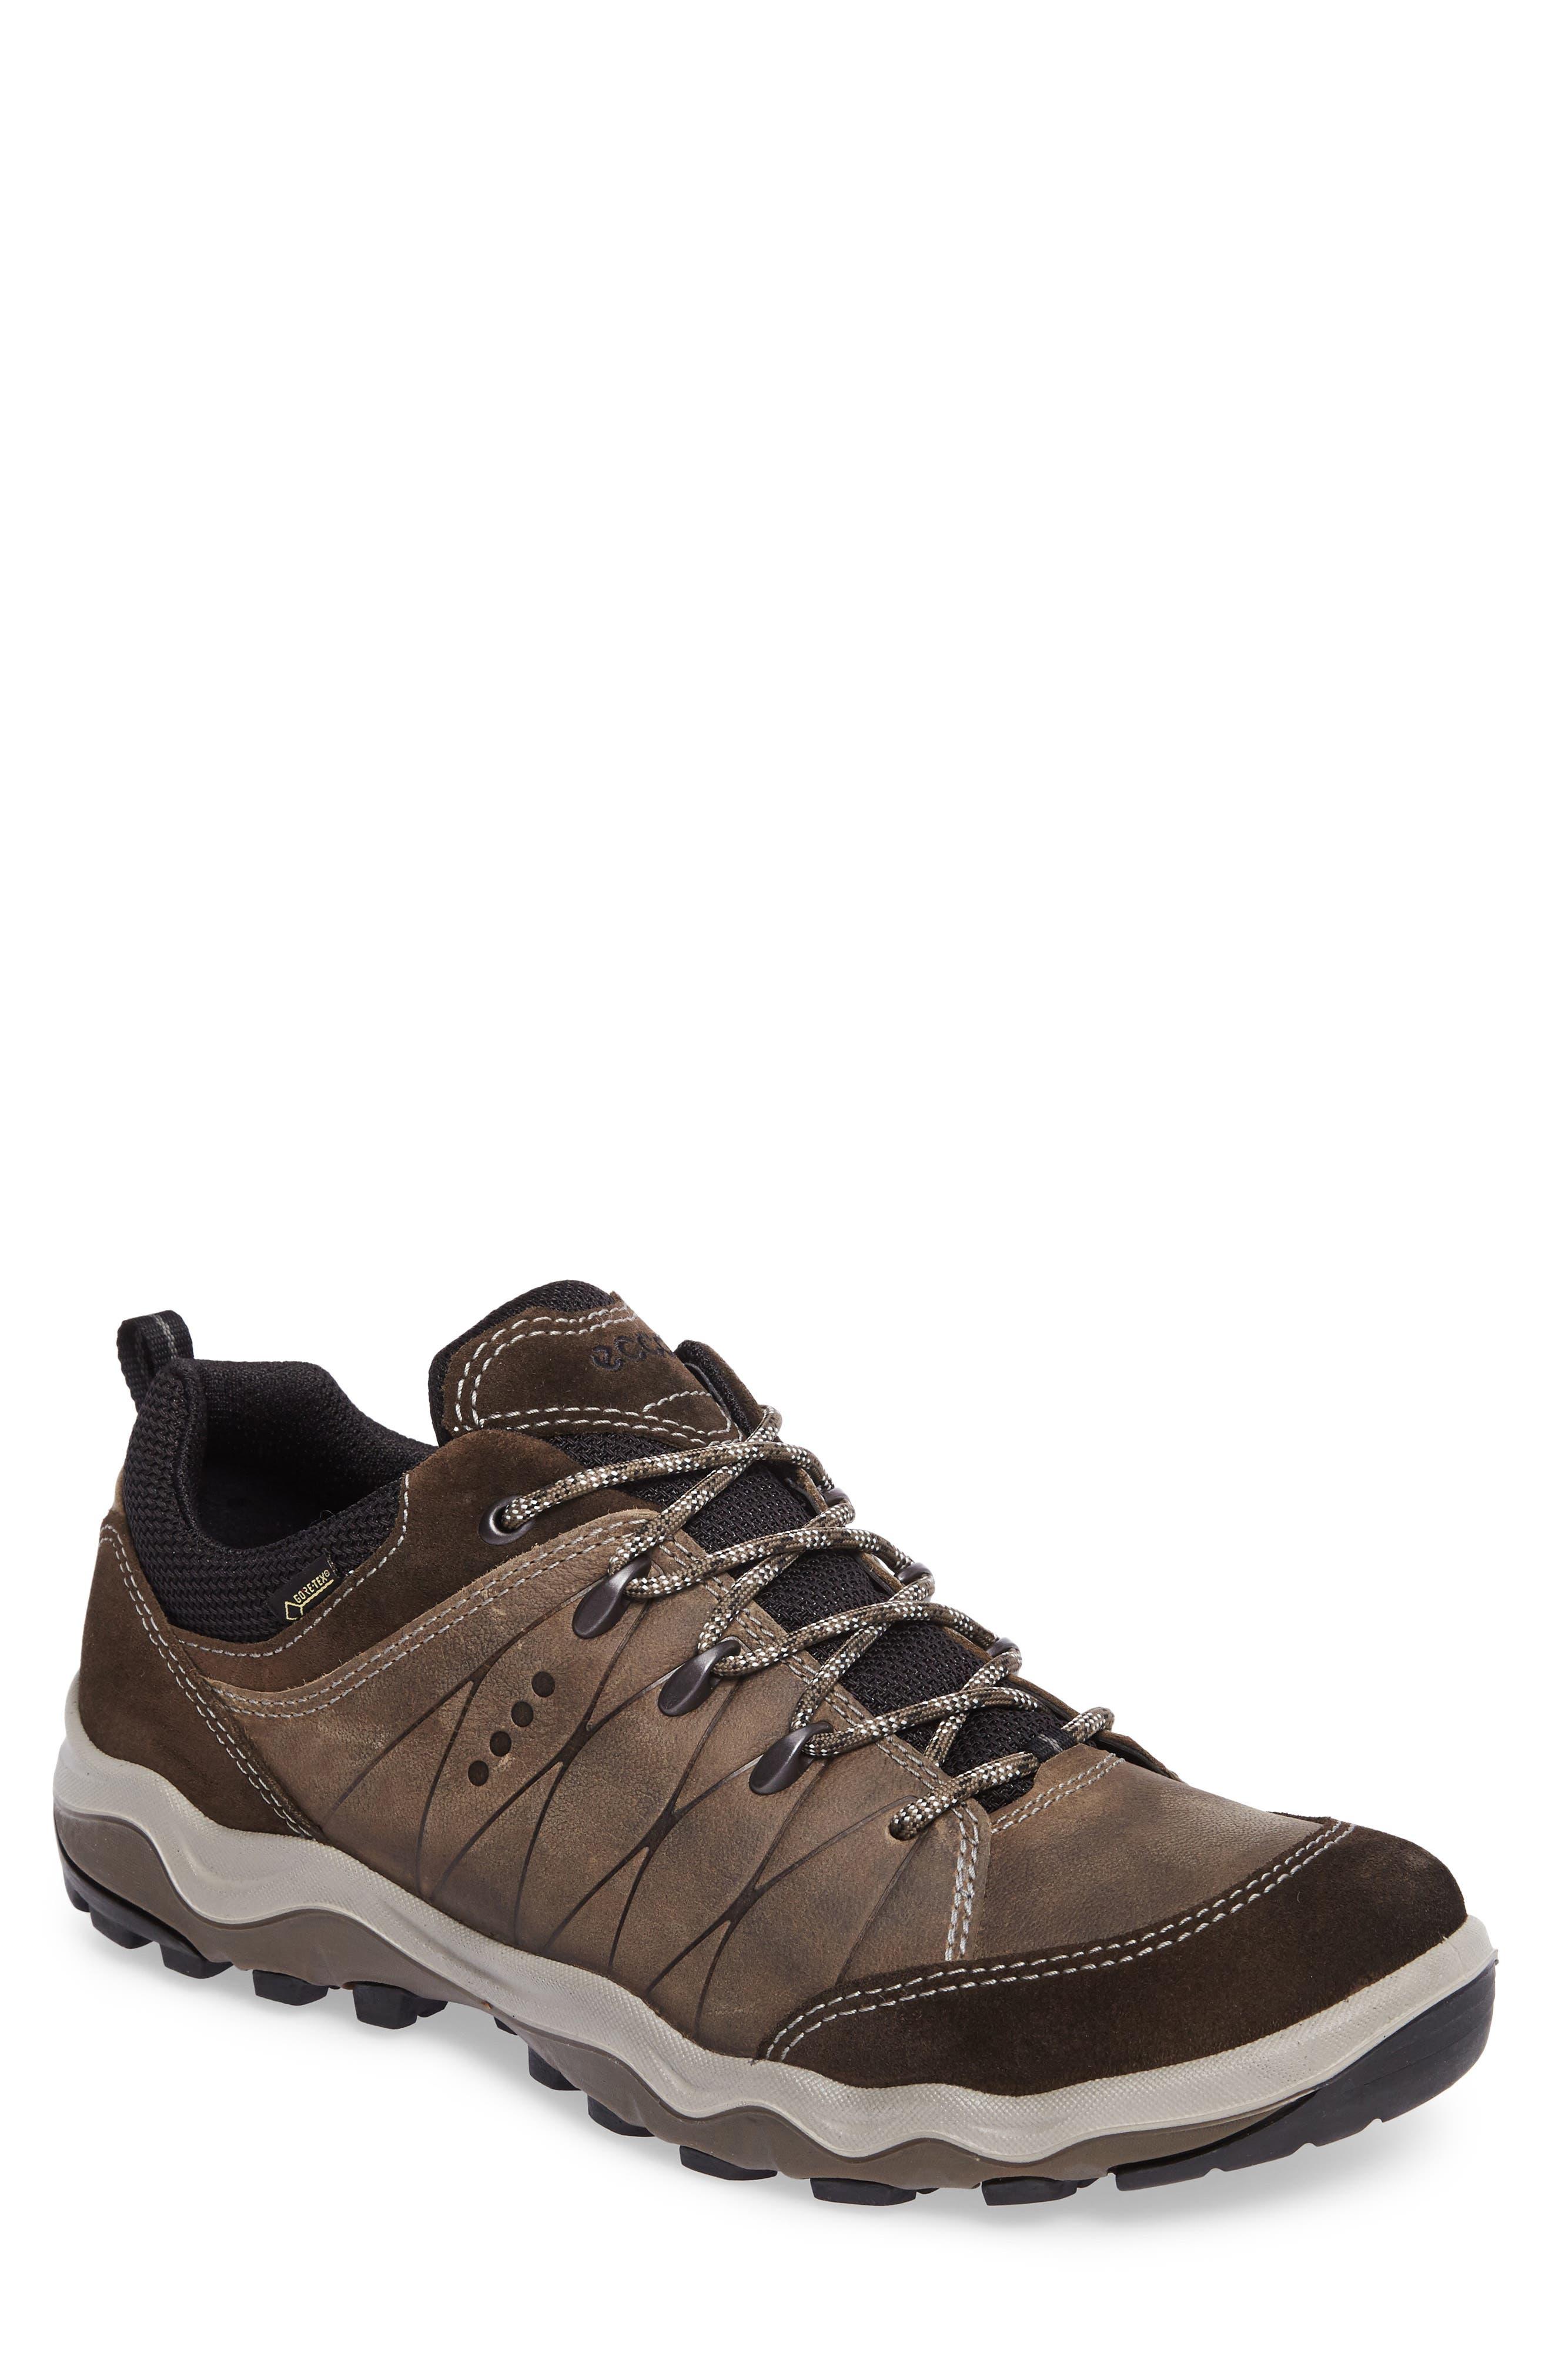 Ulterra GTX Sneaker,                         Main,                         color, Tarmac Suede